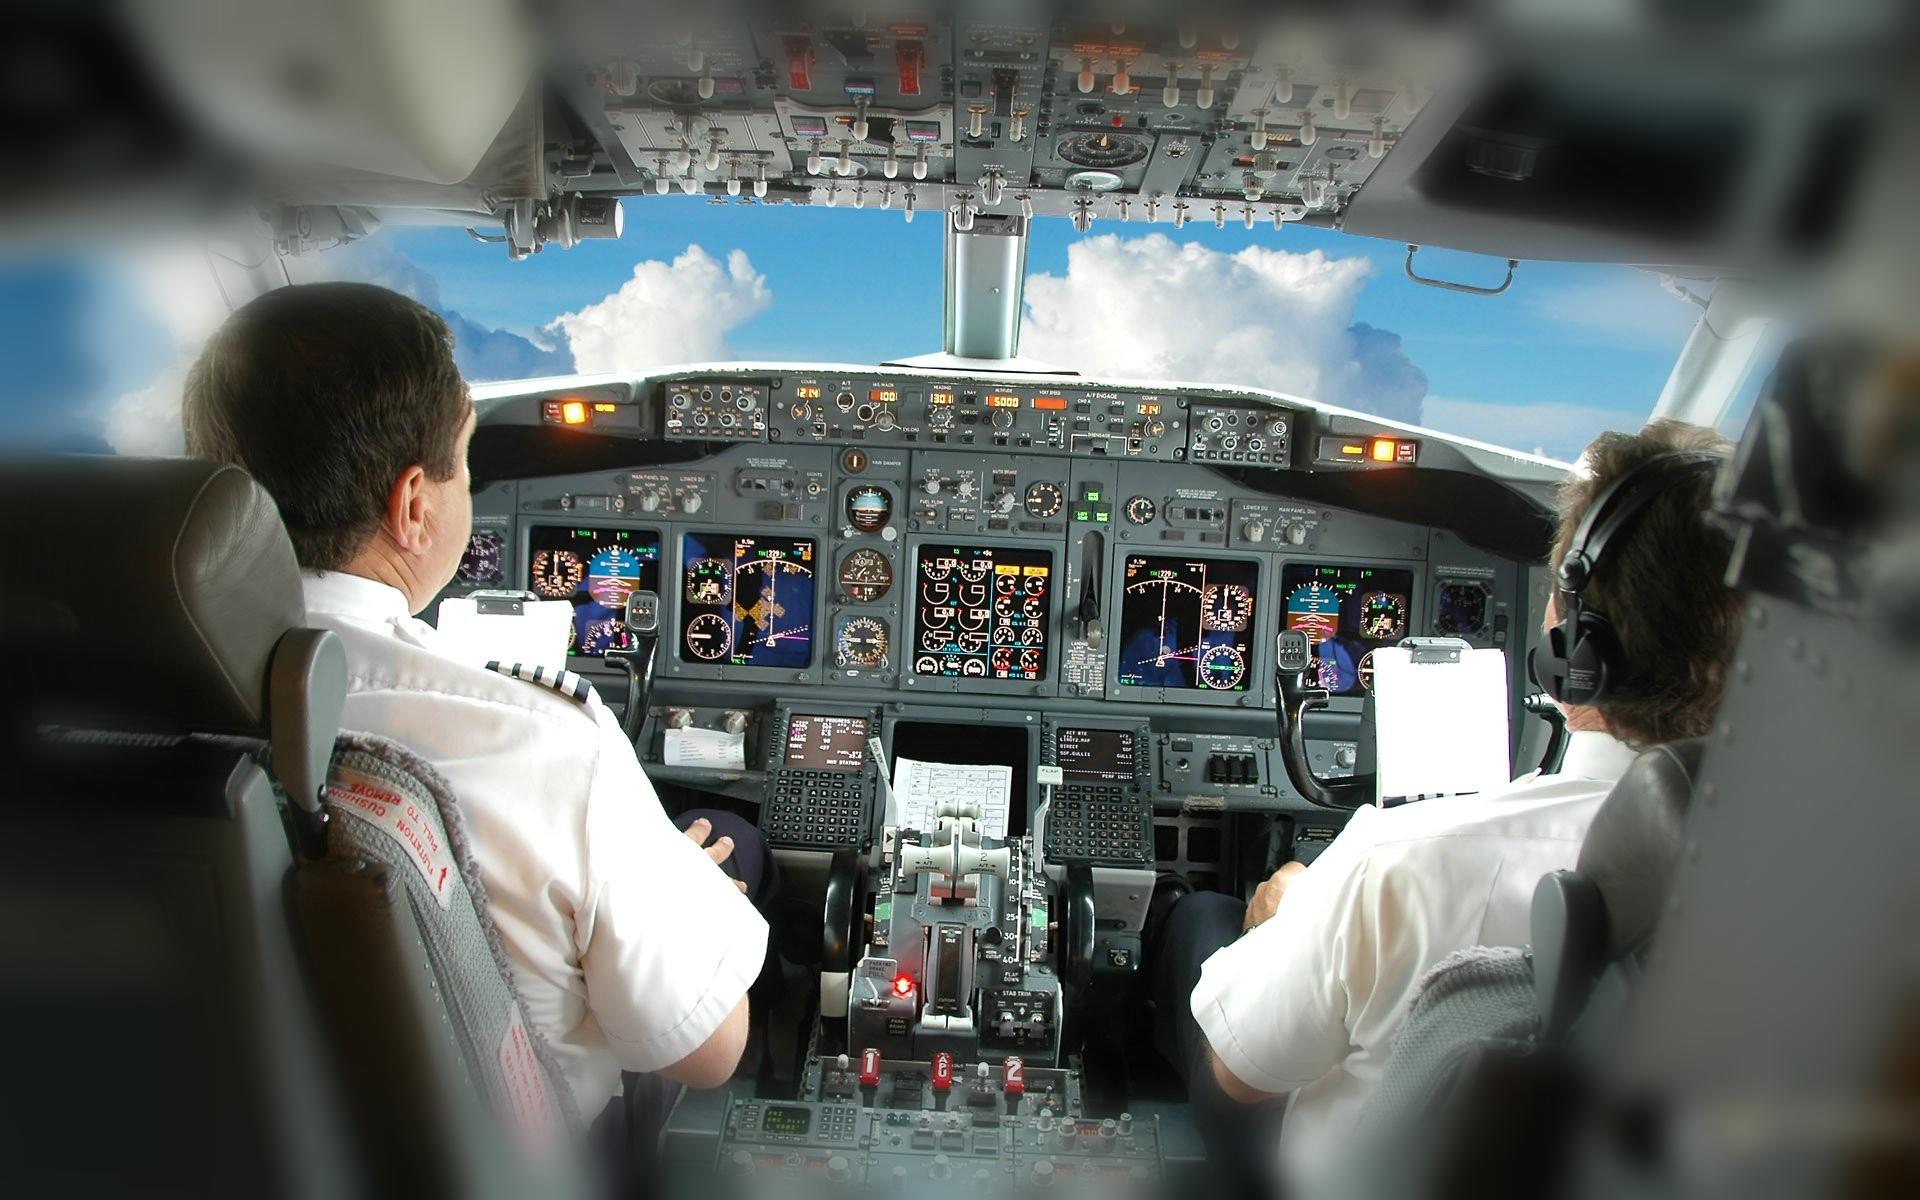 пилоты в кабине едят разную пищу